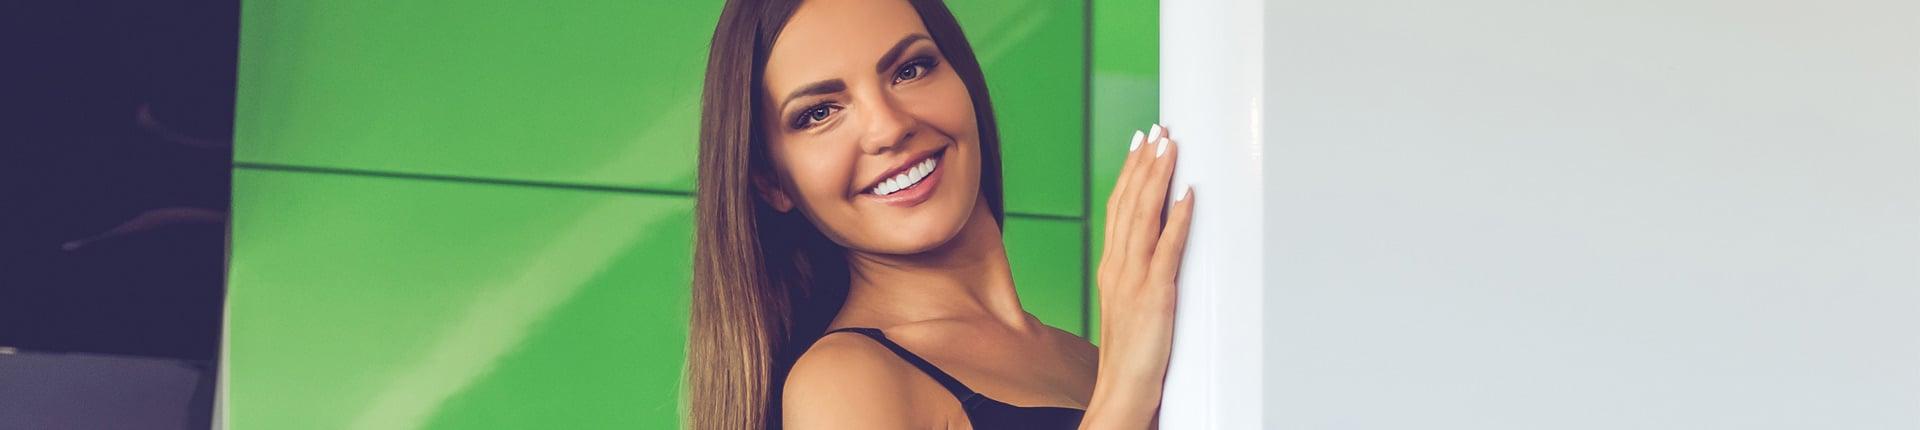 Zaskakujące korzyści z diety IIFYM w przypadku trenujących kobiet